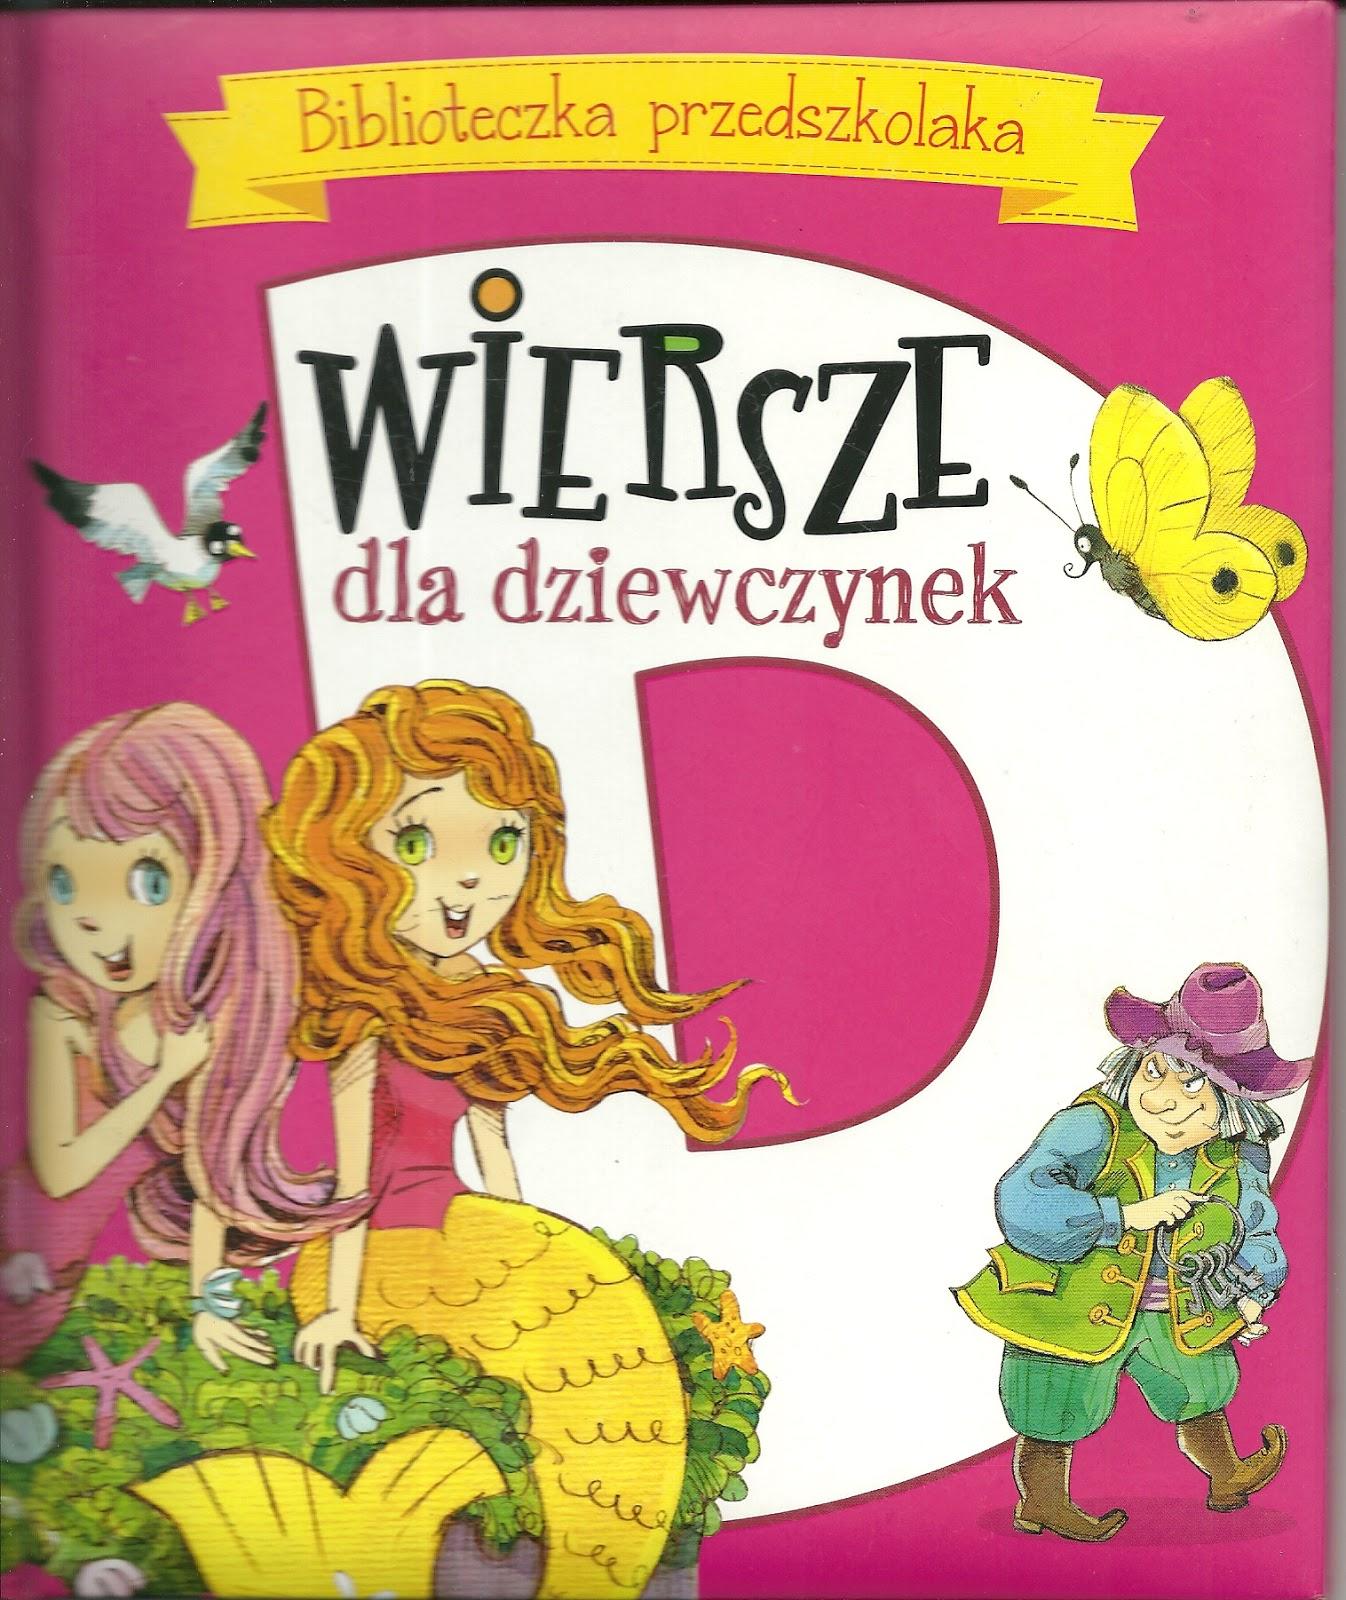 Książka Dobrze Zaprojektowana Wiersze Dla Dziewczynek